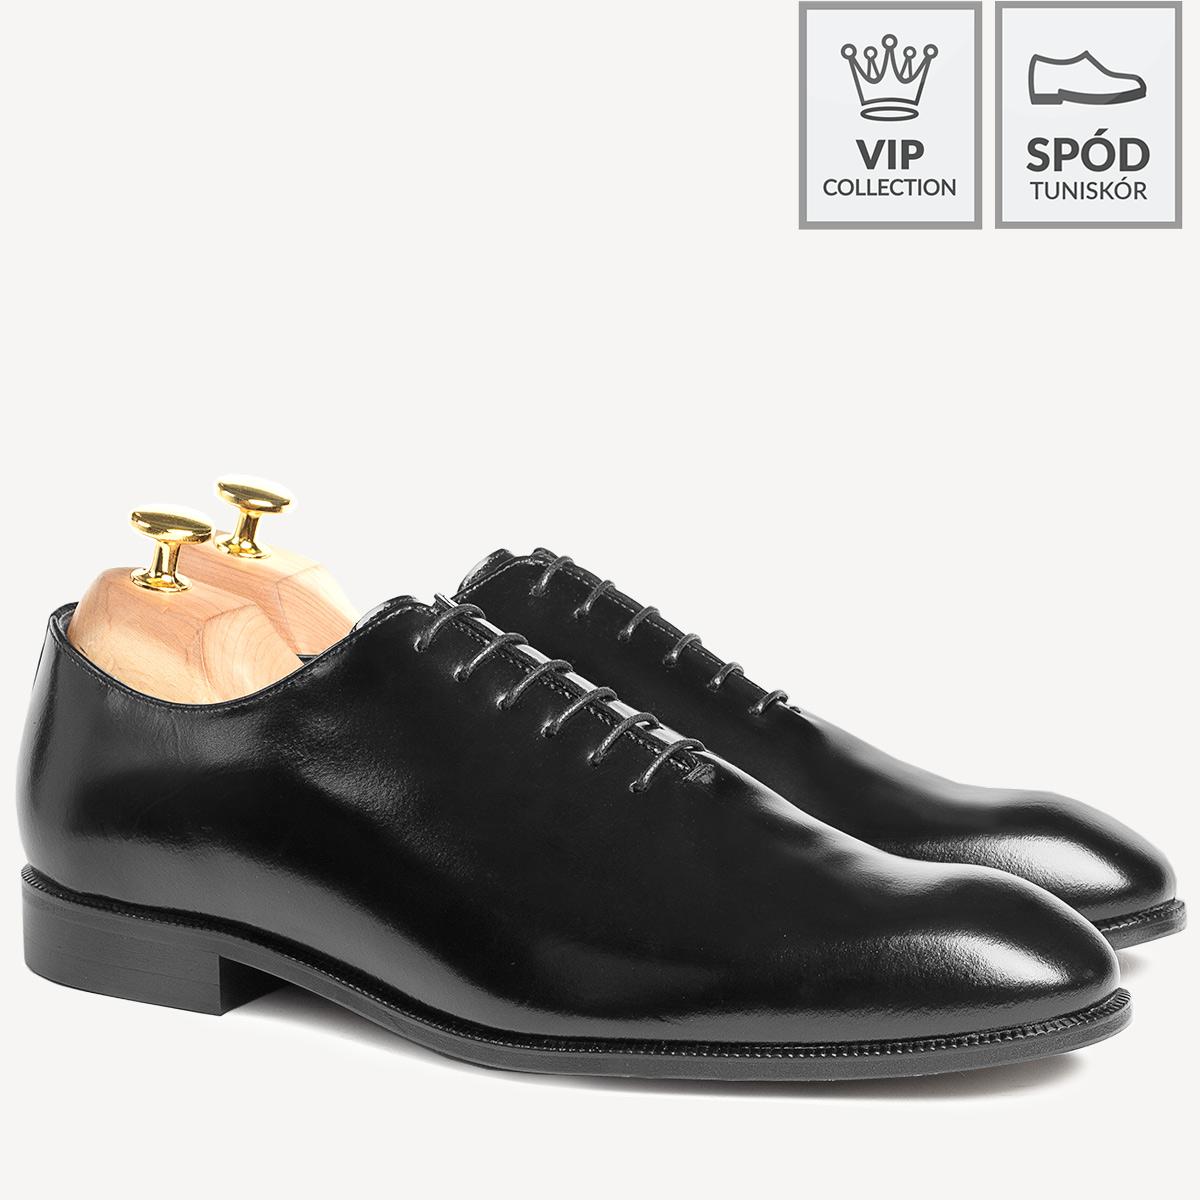 Skórzane buty wizytowe lotniki Karl czarne